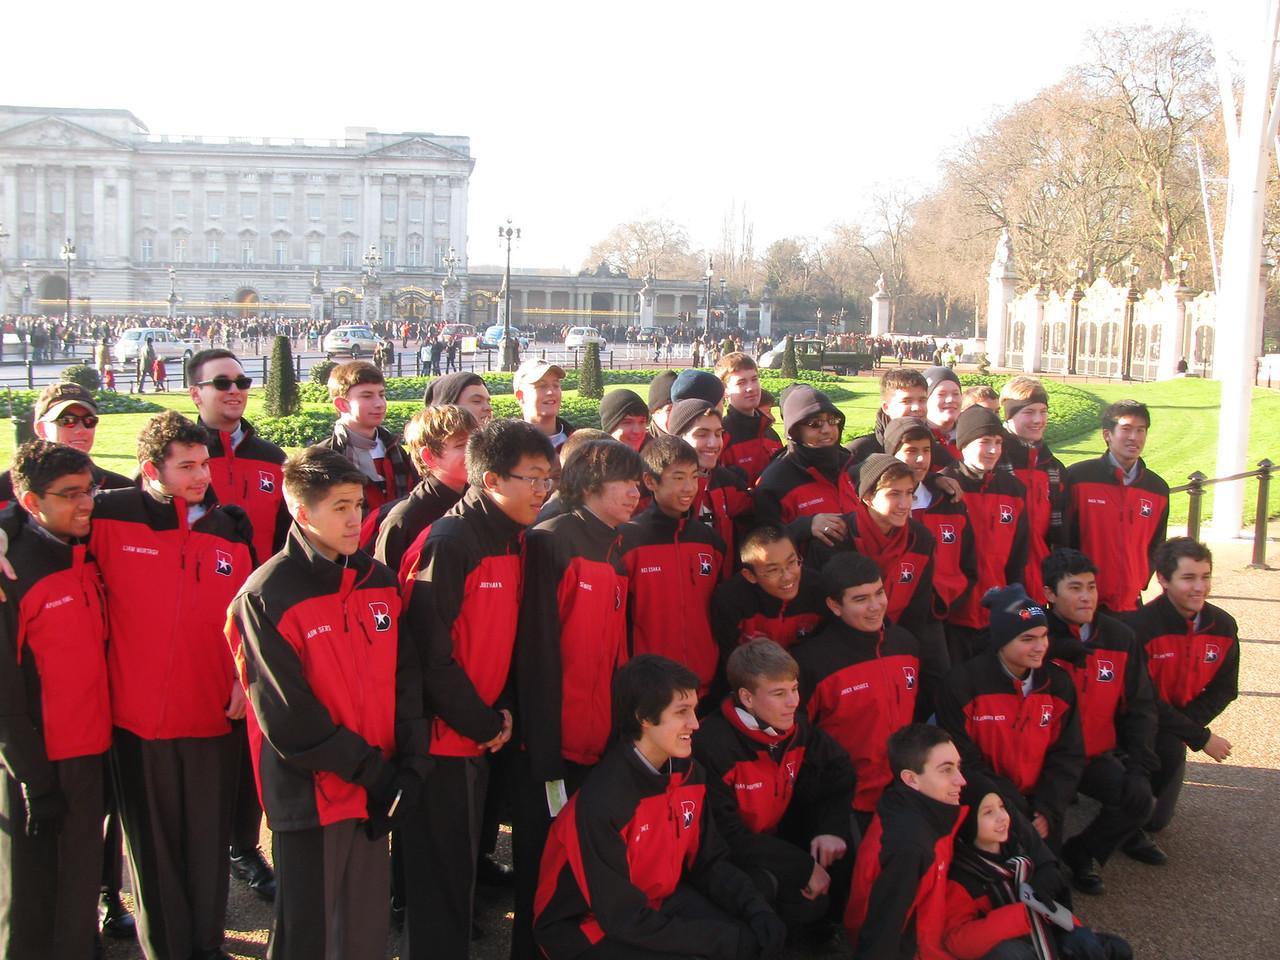 Bus 5 @ Buckingham Palace 2